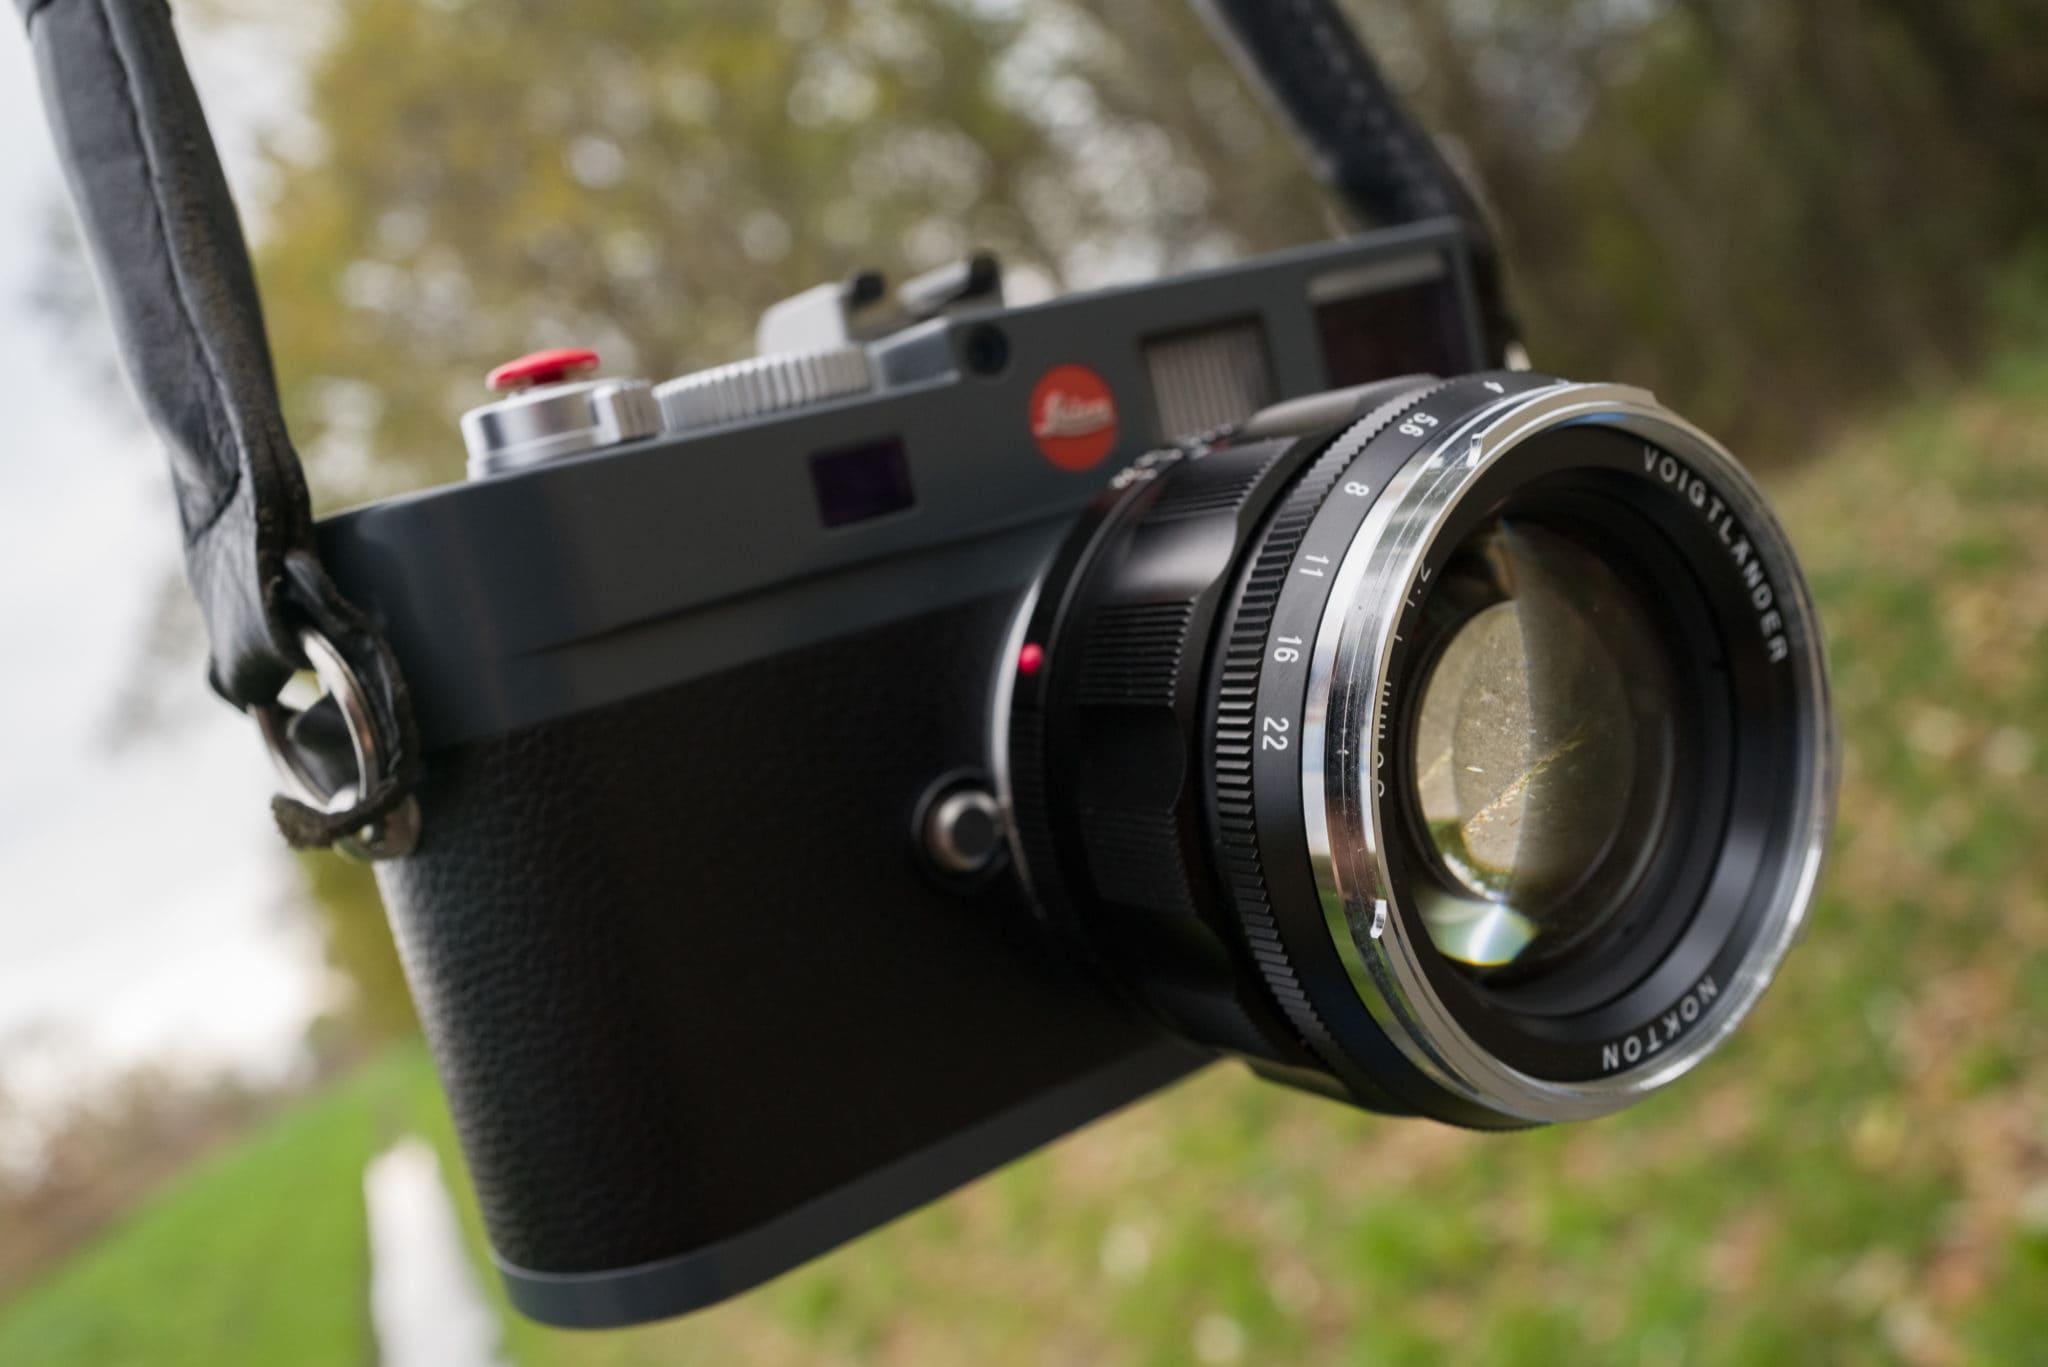 Voigtlander Nokton 1.2/50mm